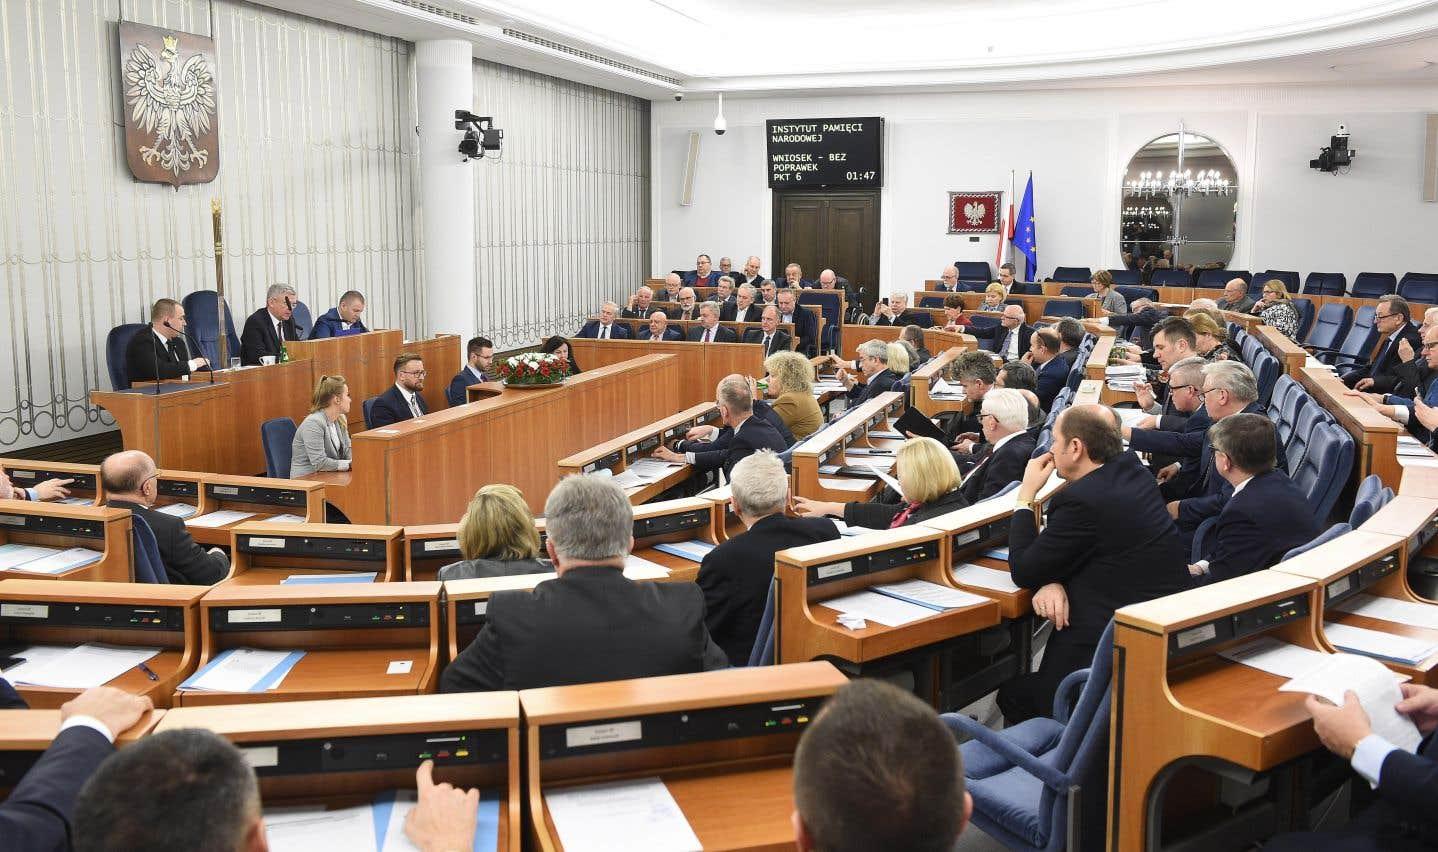 Une loi sur la Shoah dénoncée en Pologne